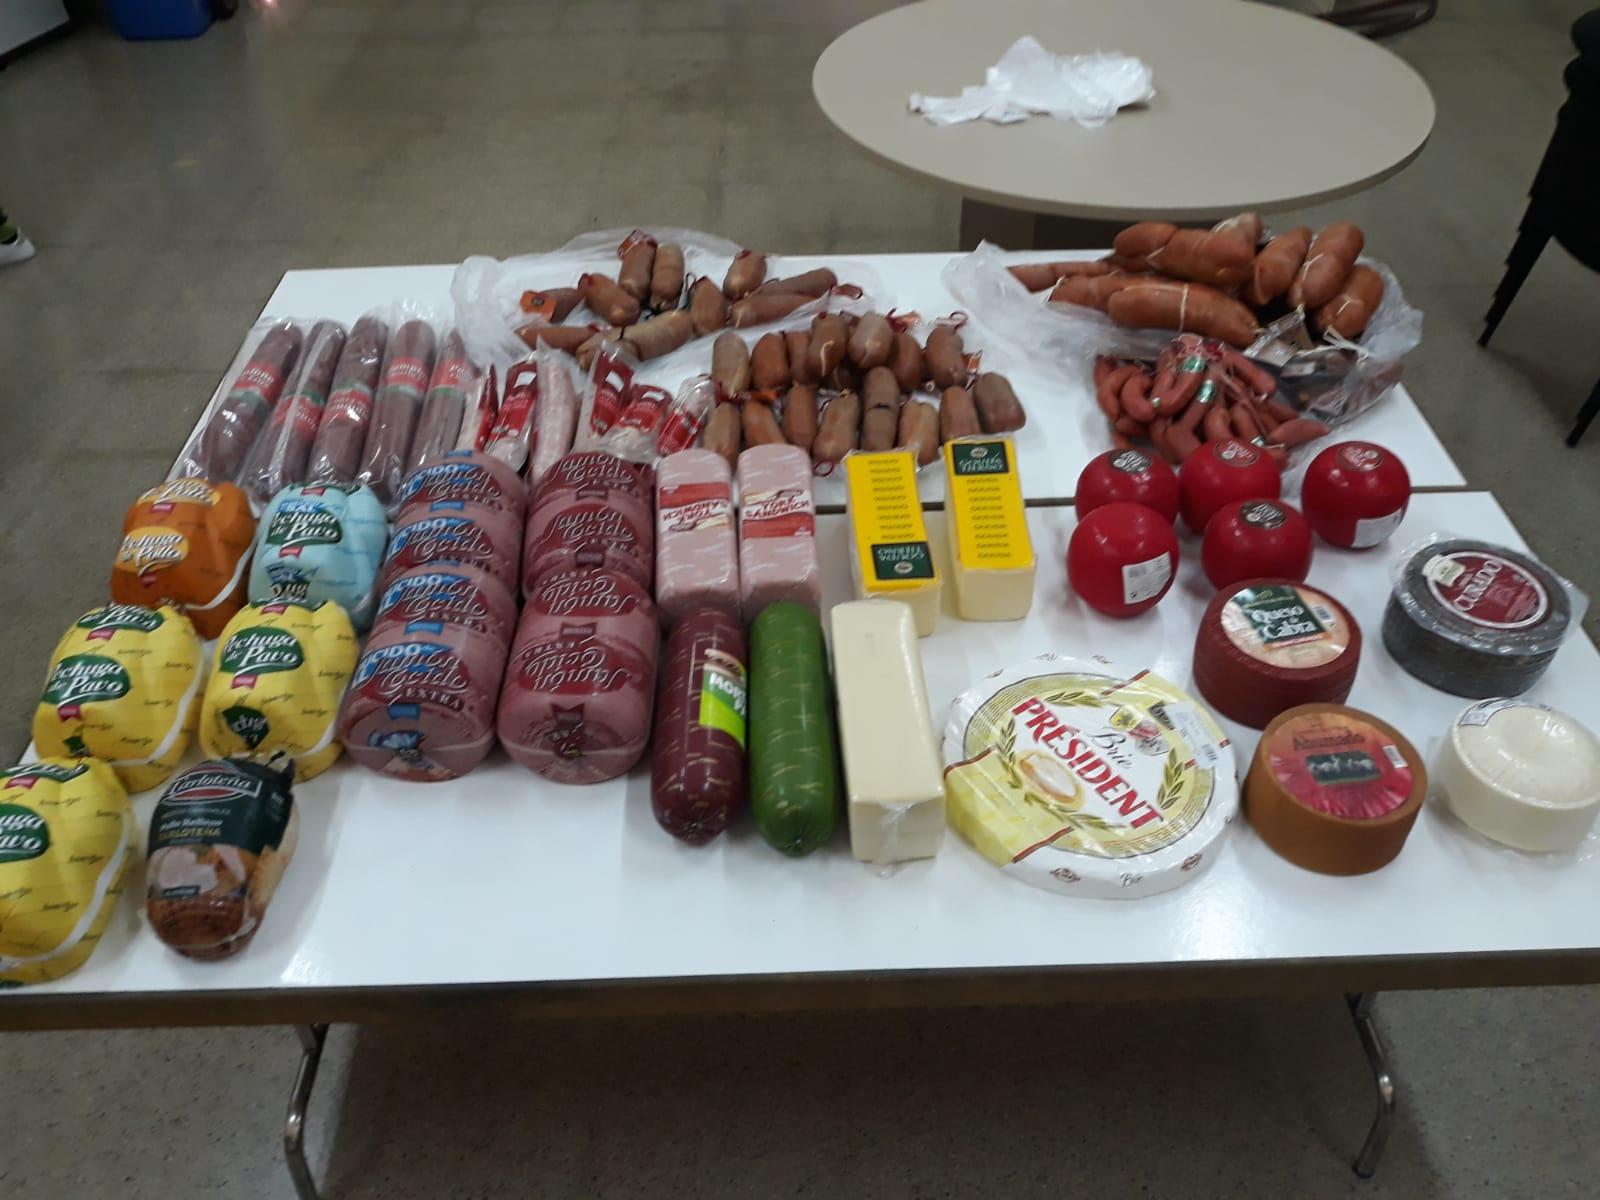 Cáritas i Ajuntament distribueixen 104 quilos de carn a 20 famílies El Periòdic d'Ontinyent